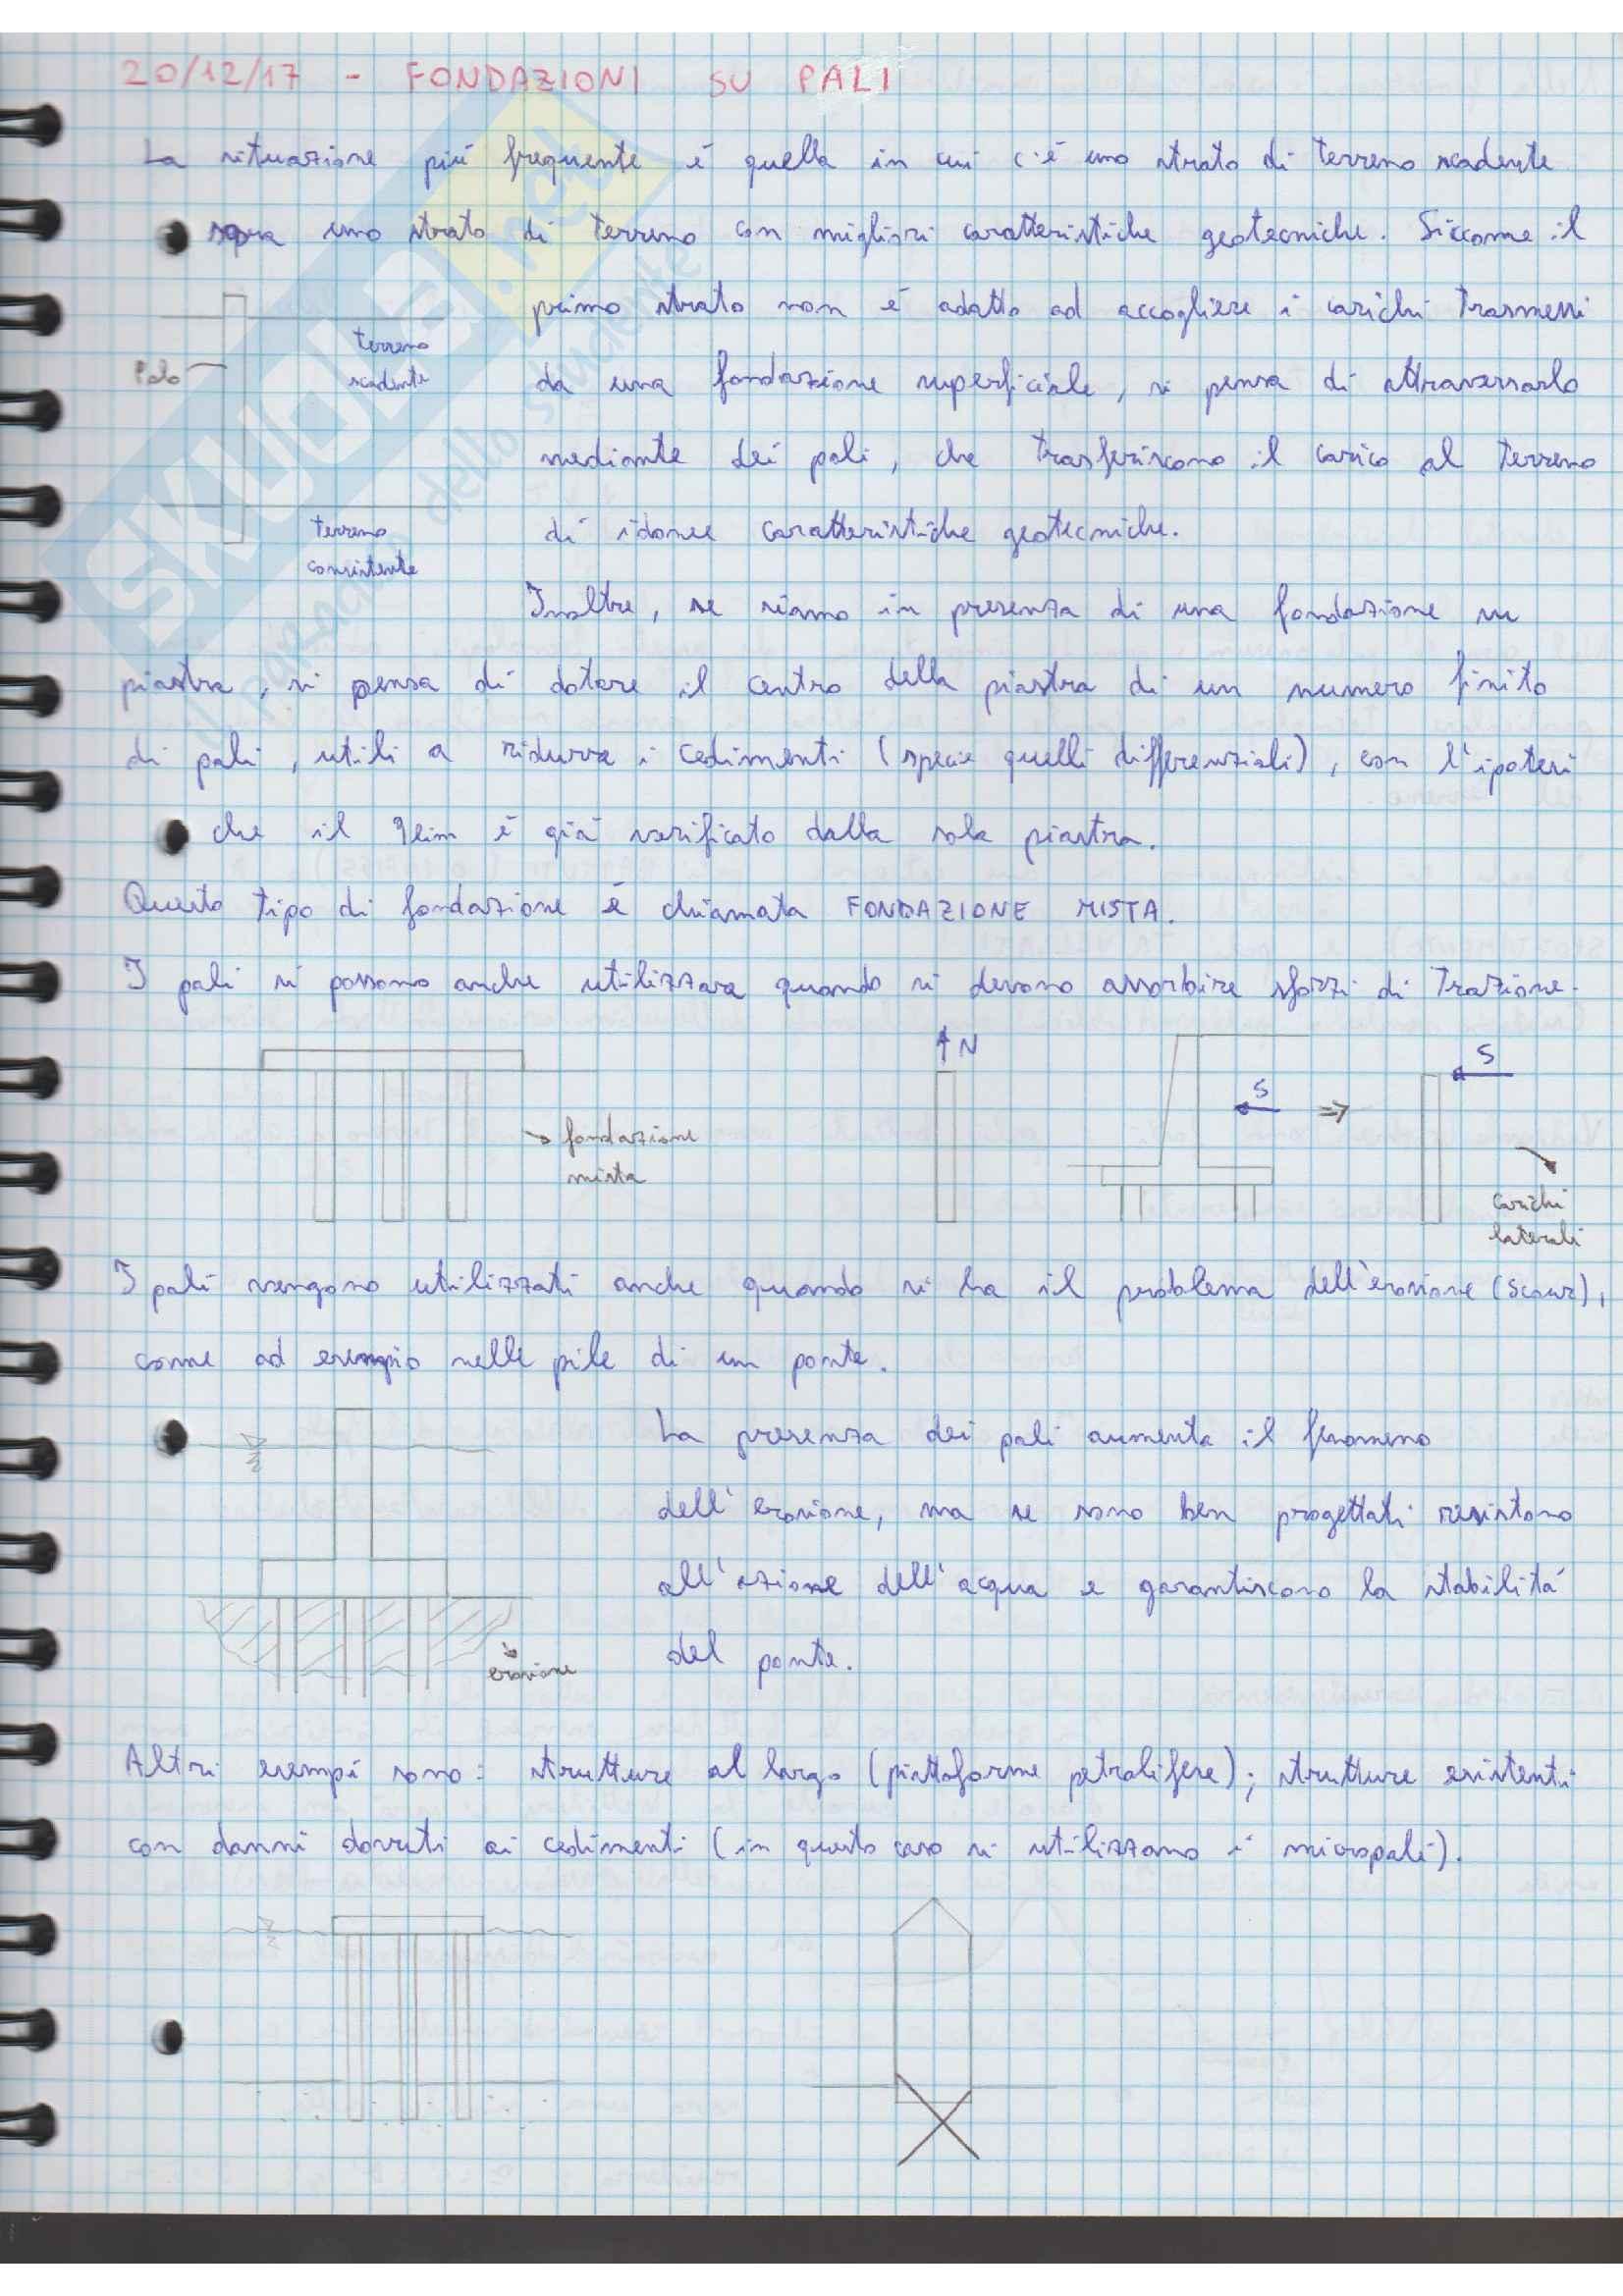 Fondazioni - parte 3